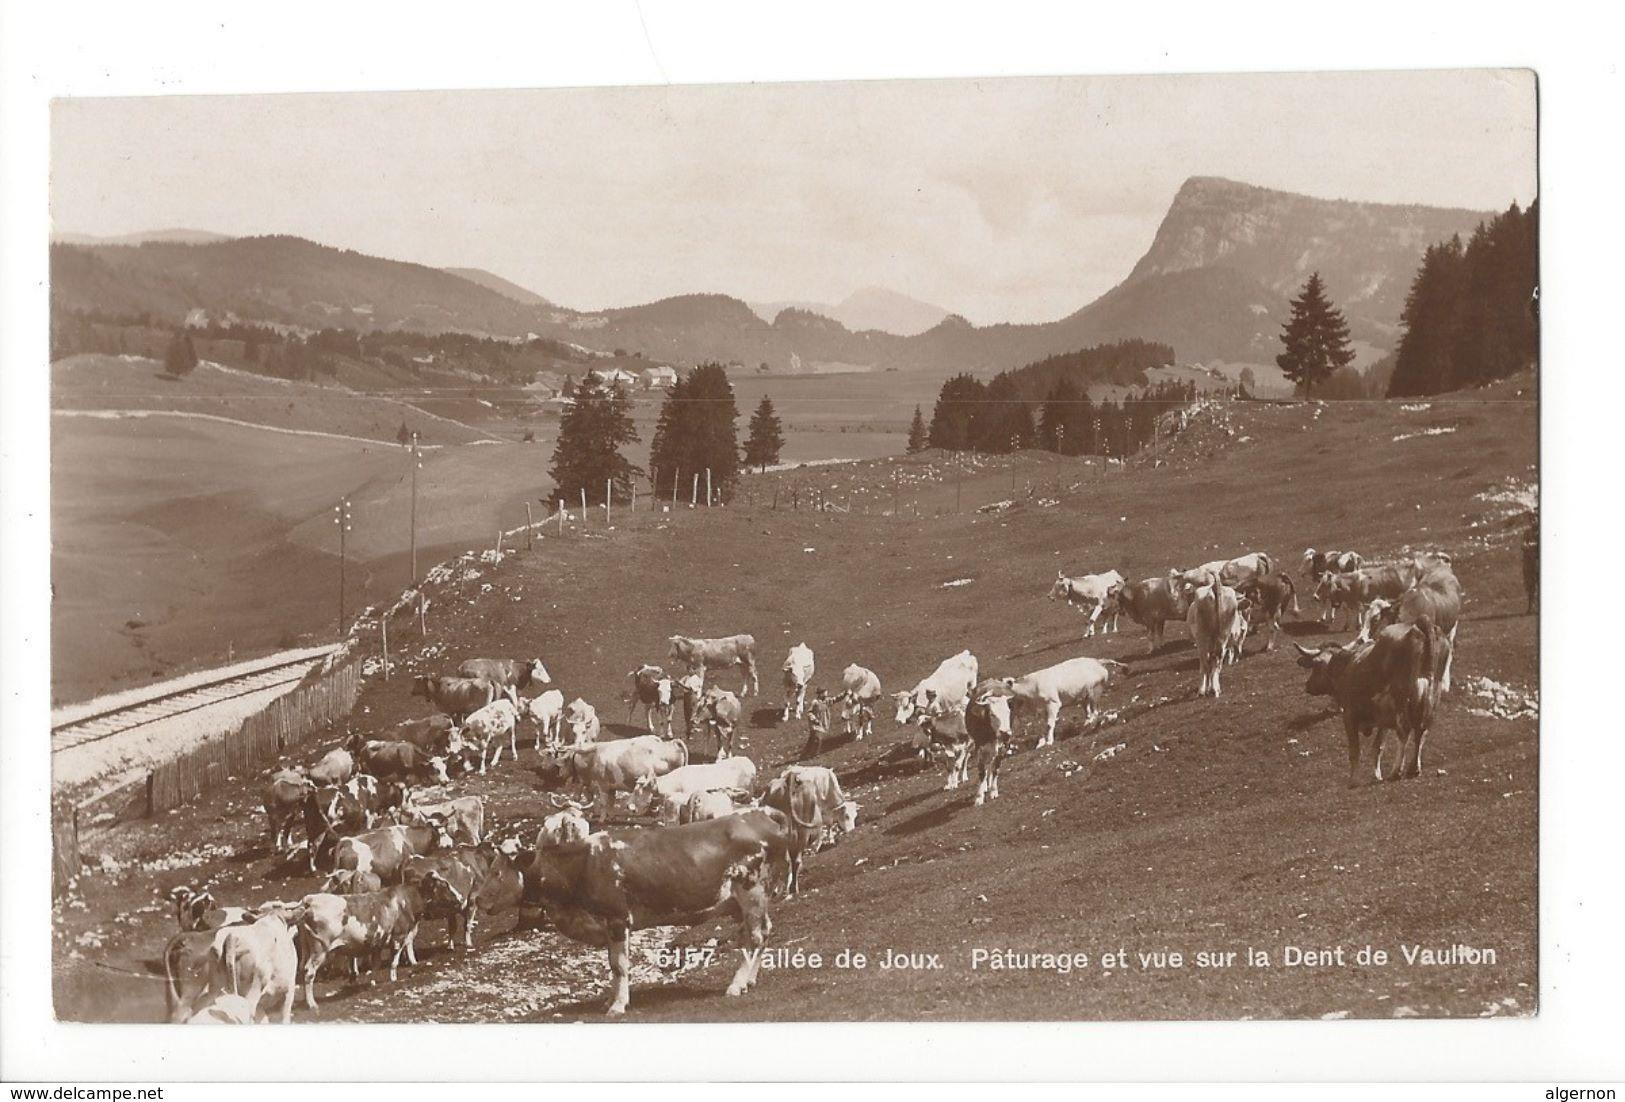 19184 - Vallée De Joux Pâturage Et Vue Sur La Dent De Vaulion Vaches - VD Vaud